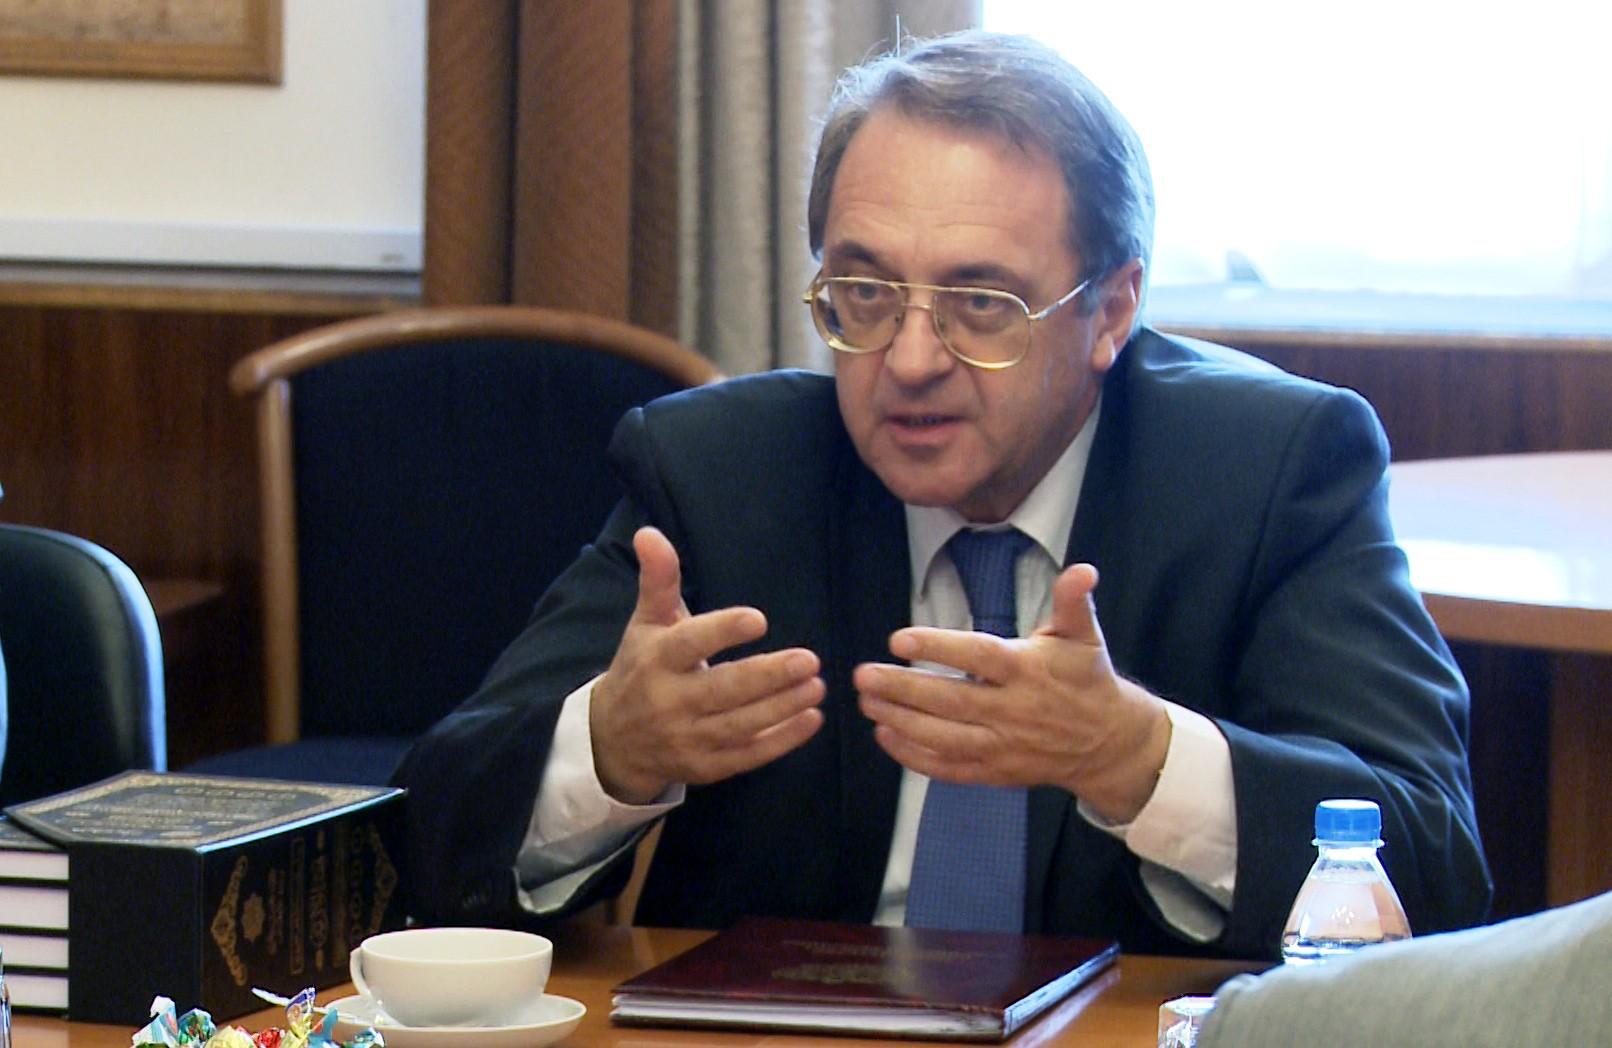 صورة مسؤول روسي: سياسة الغرب القصيرة النظر حولت ليبيا إلى معقل للإرهاب